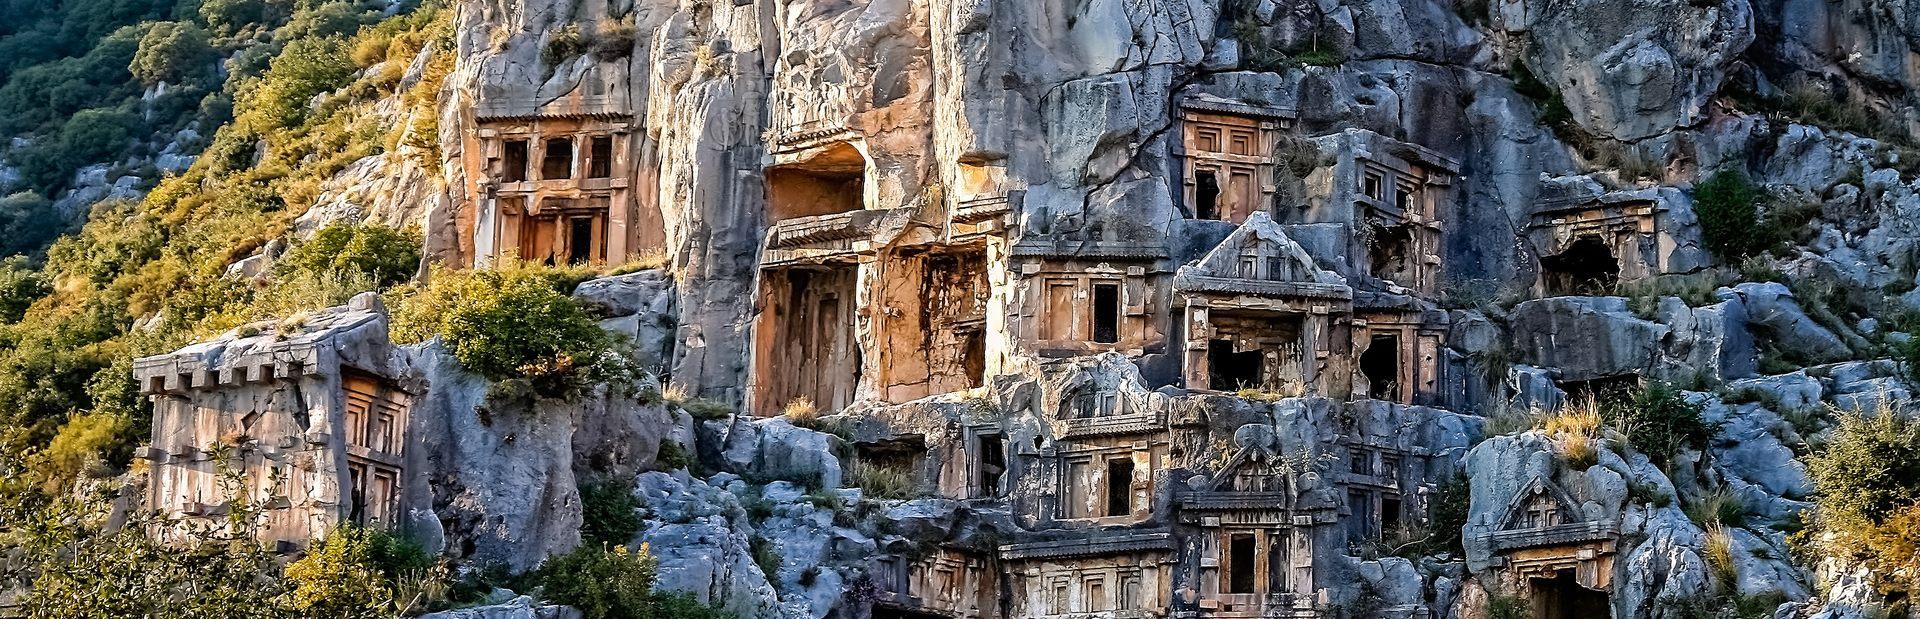 Ruins of Ancient Myra Image 1